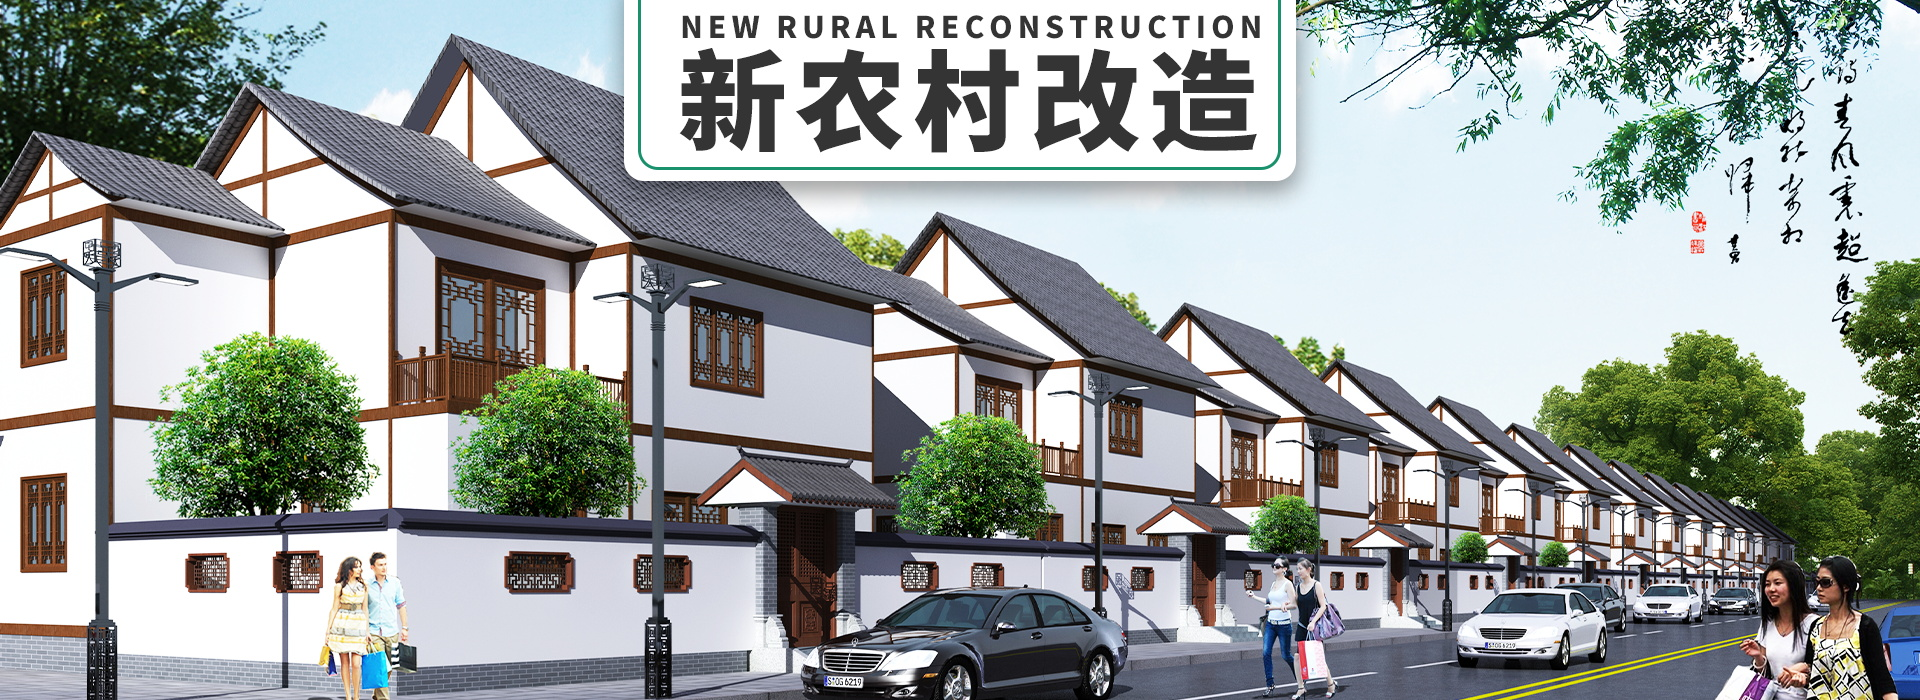 新农村改造